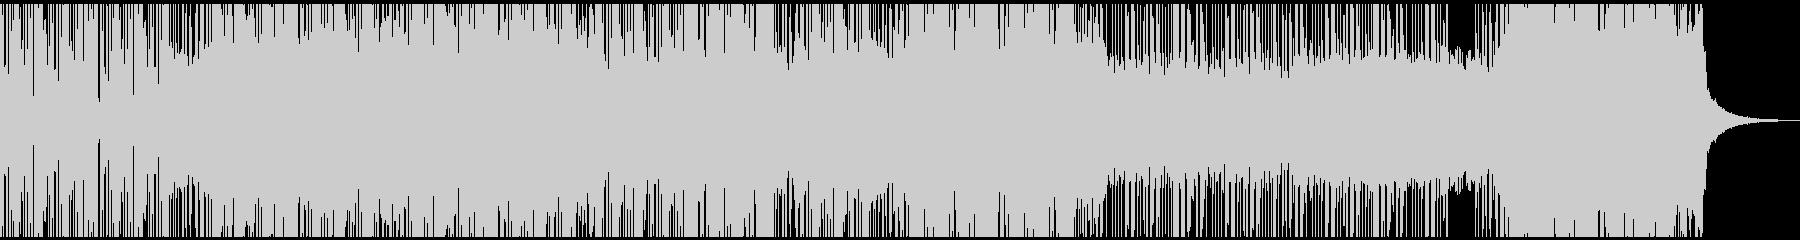 ダークでヘヴィなエレクトロニックロックの未再生の波形